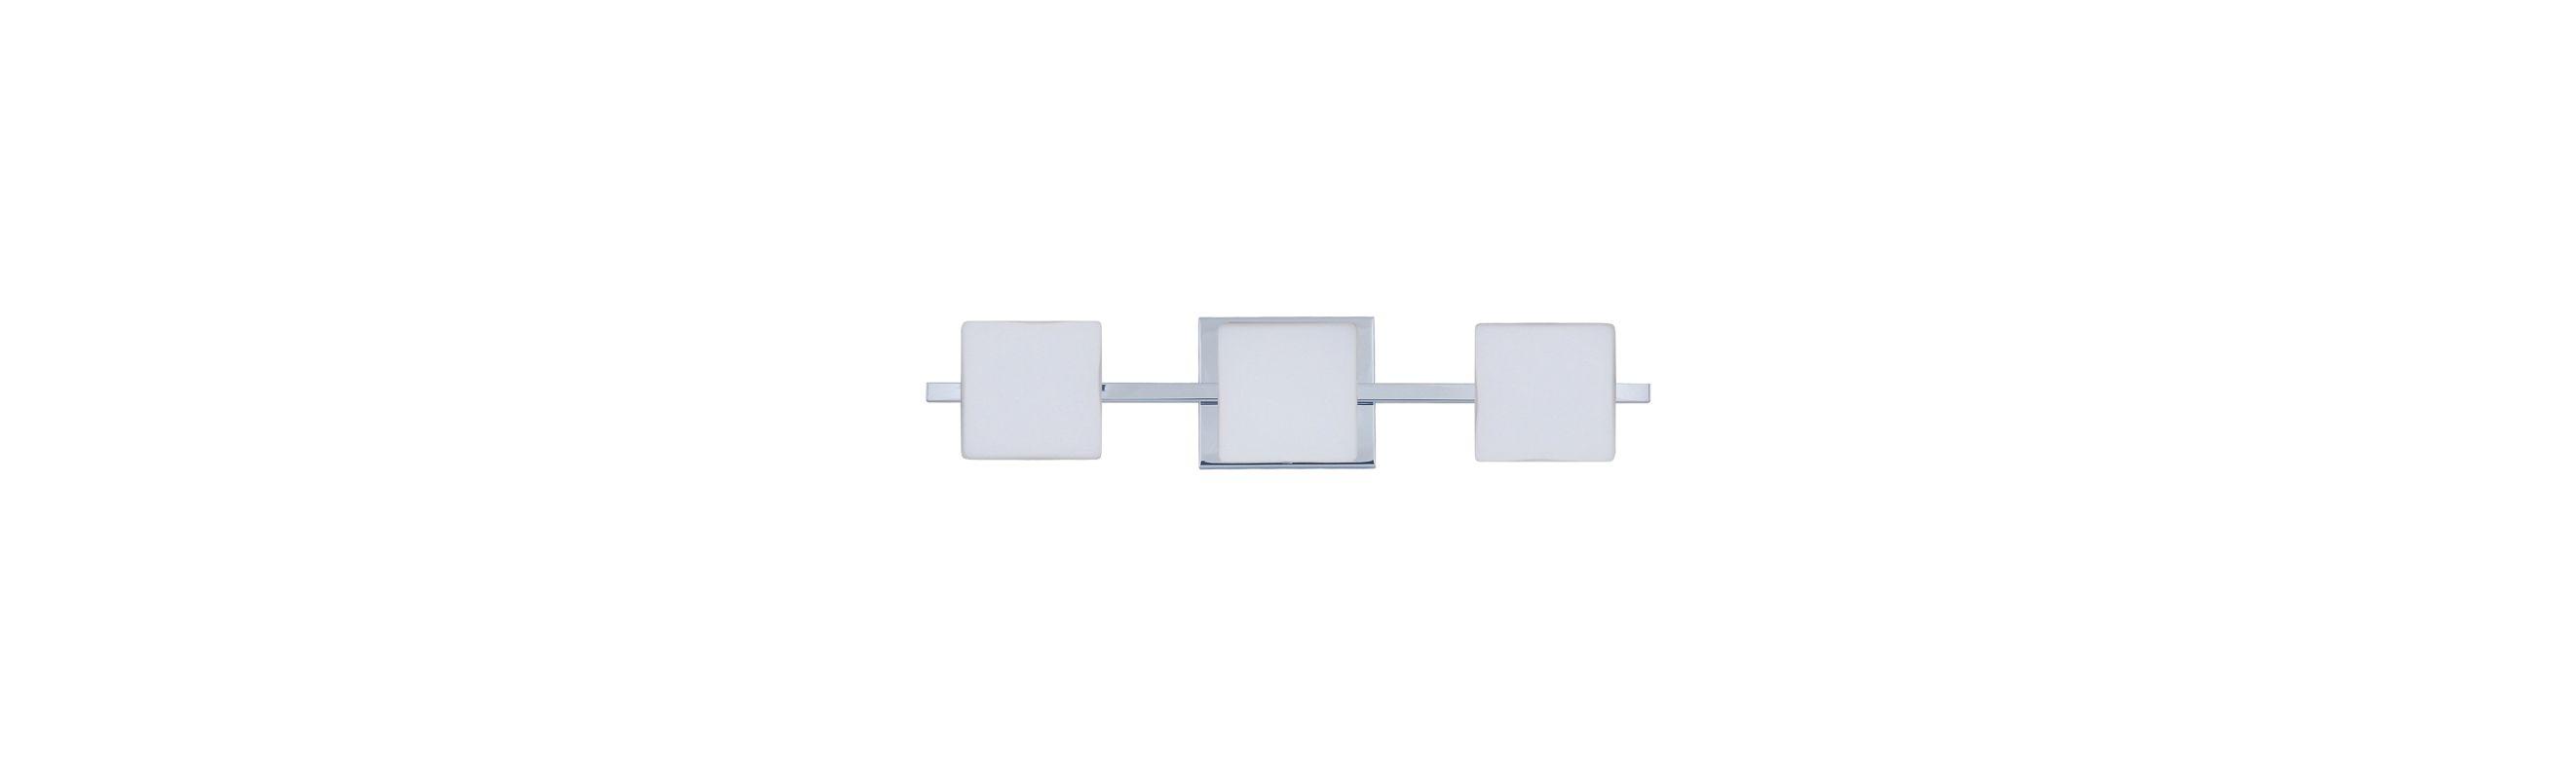 Besa Lighting 3WS-773507 Alex 3 Light ADA Compliant Halogen Bathroom